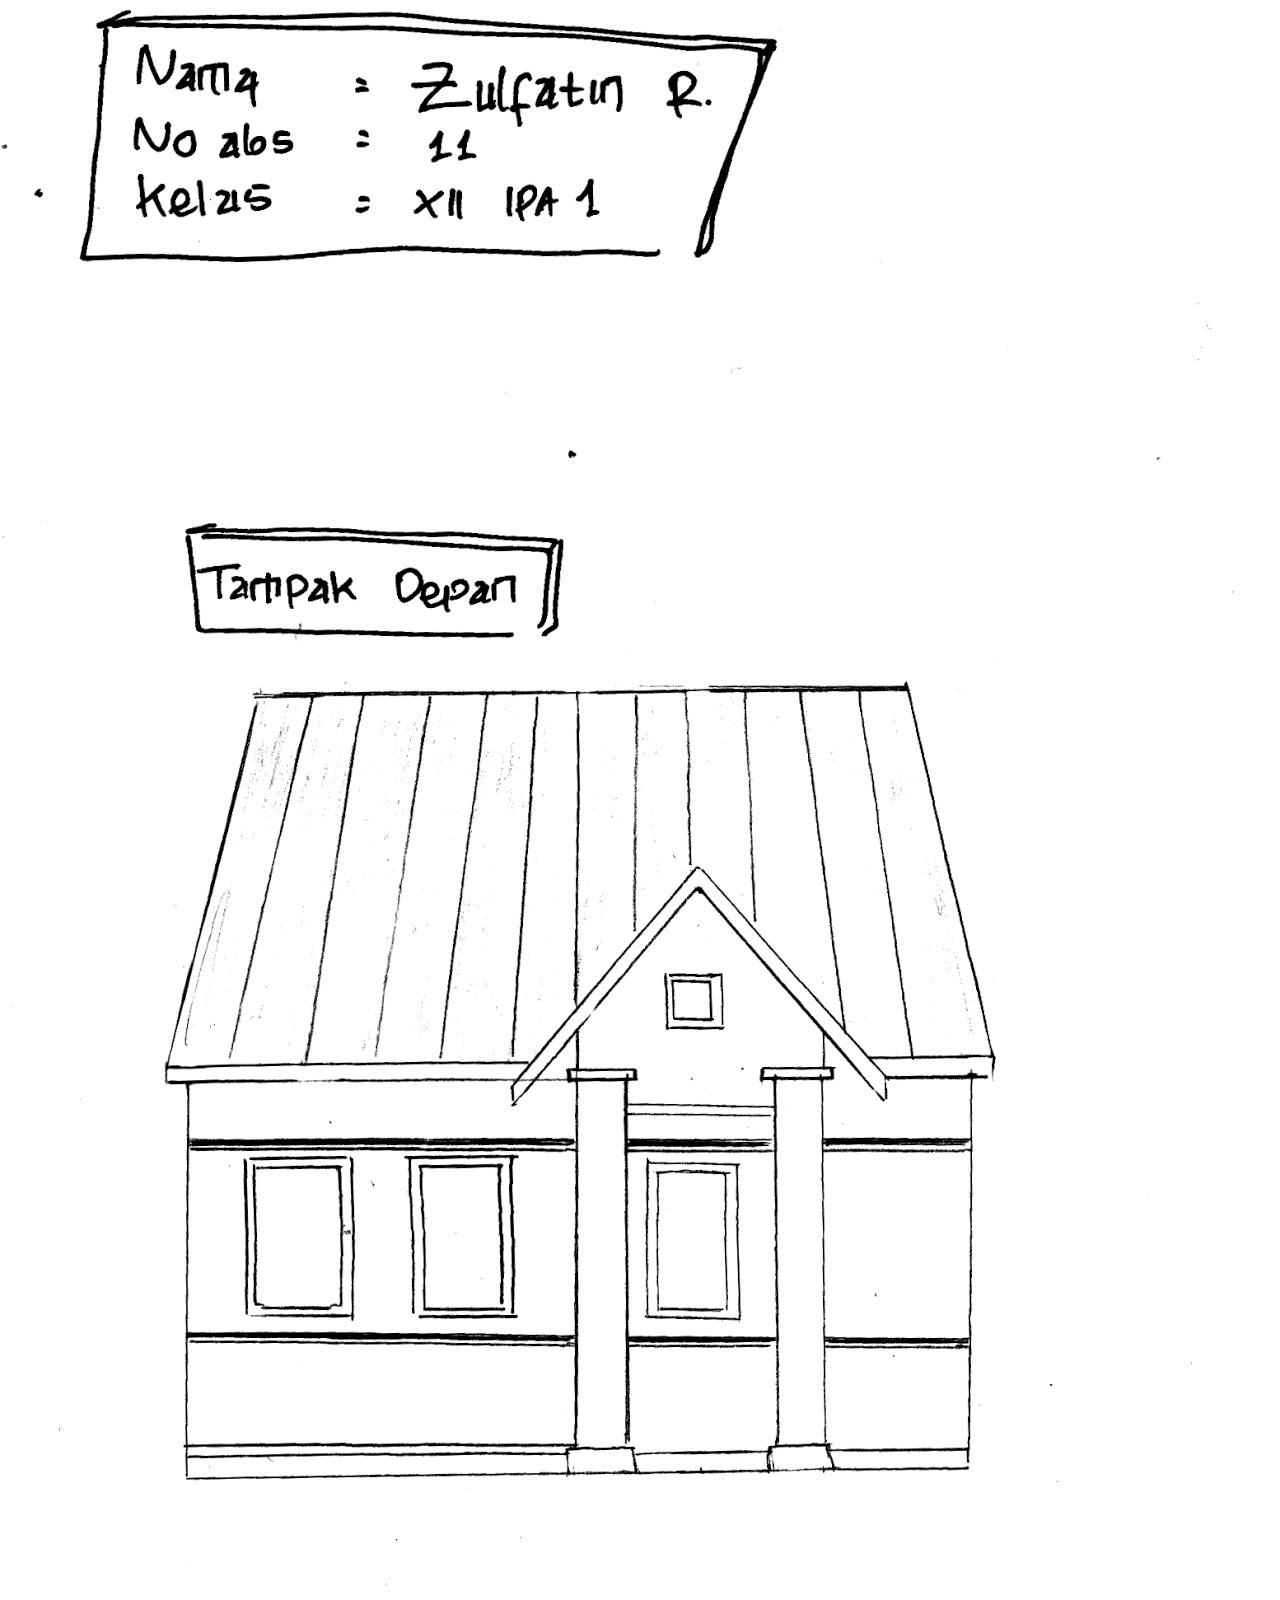 Image Result For Gambar Sketsa Rumah Kecil Minimalis